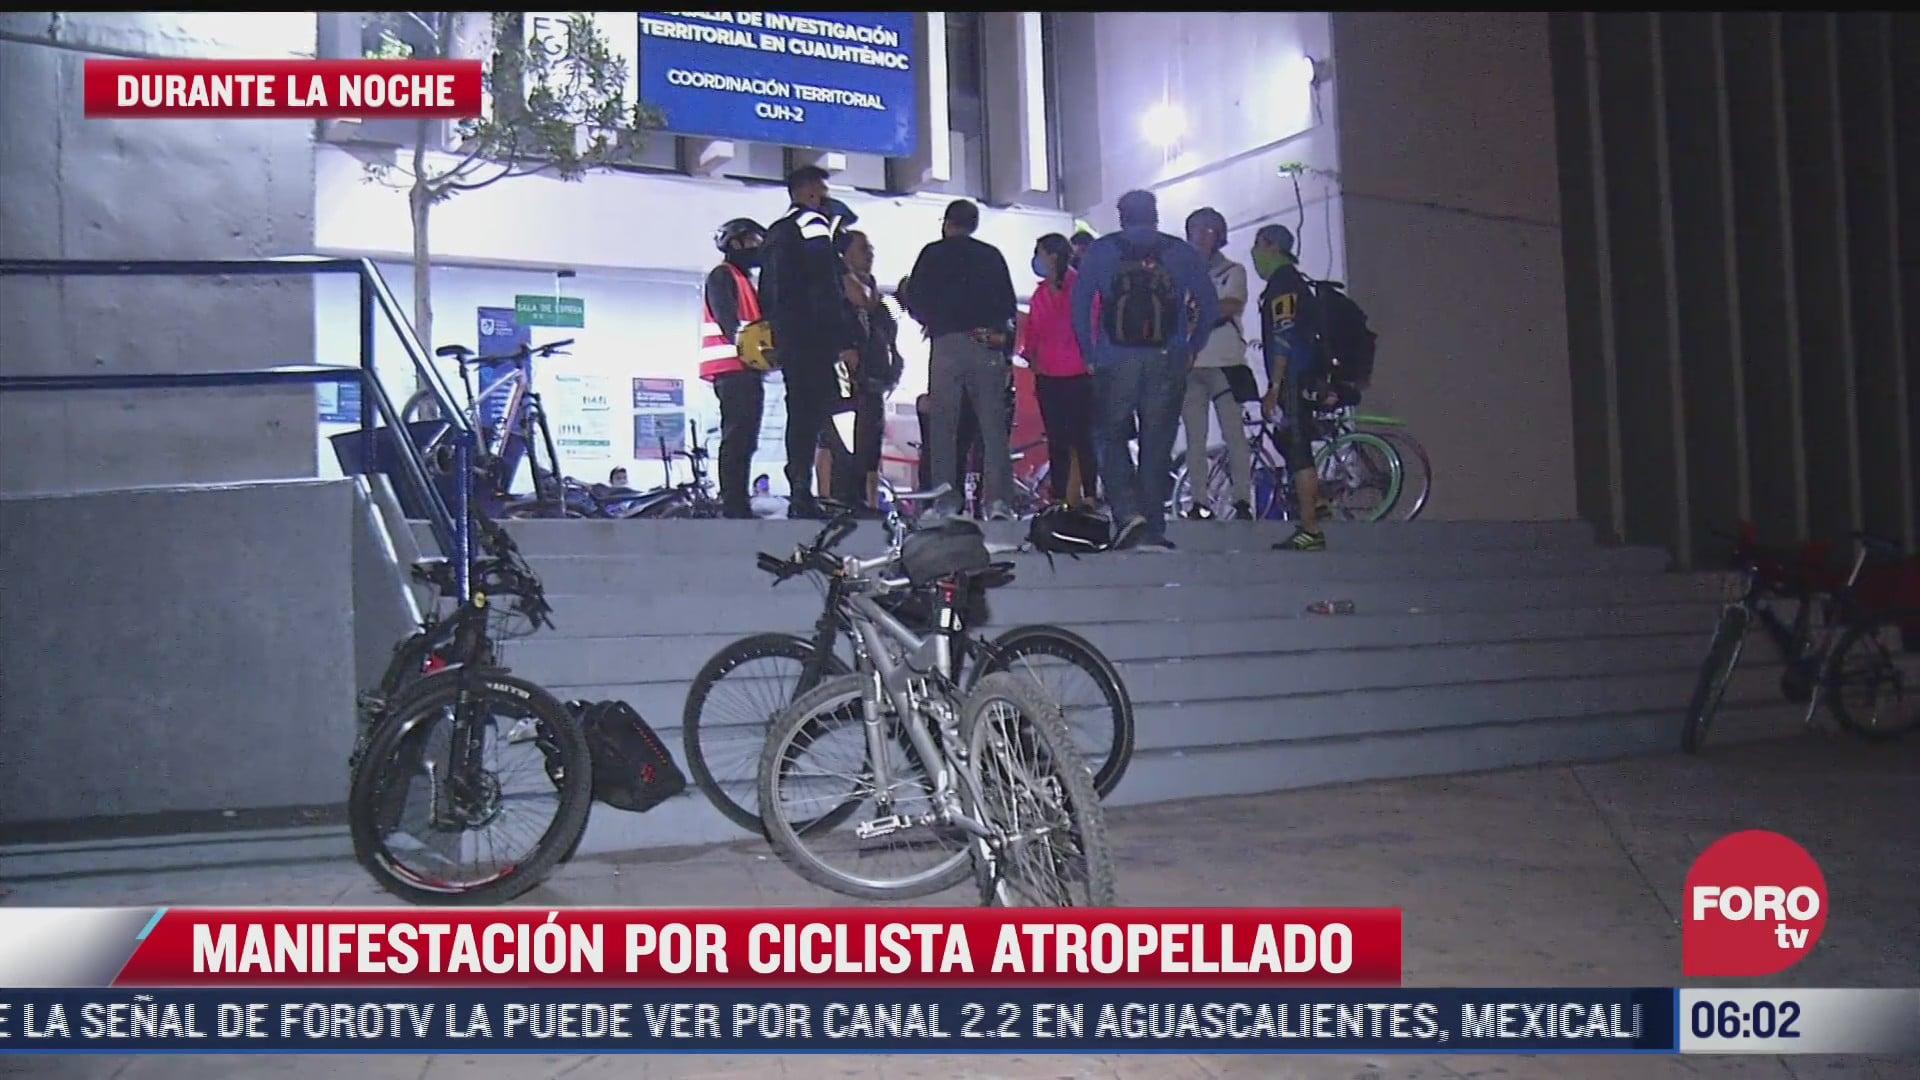 ciclistas protestan frente al ministerio publico de cuauhtemoc por companero atropellado